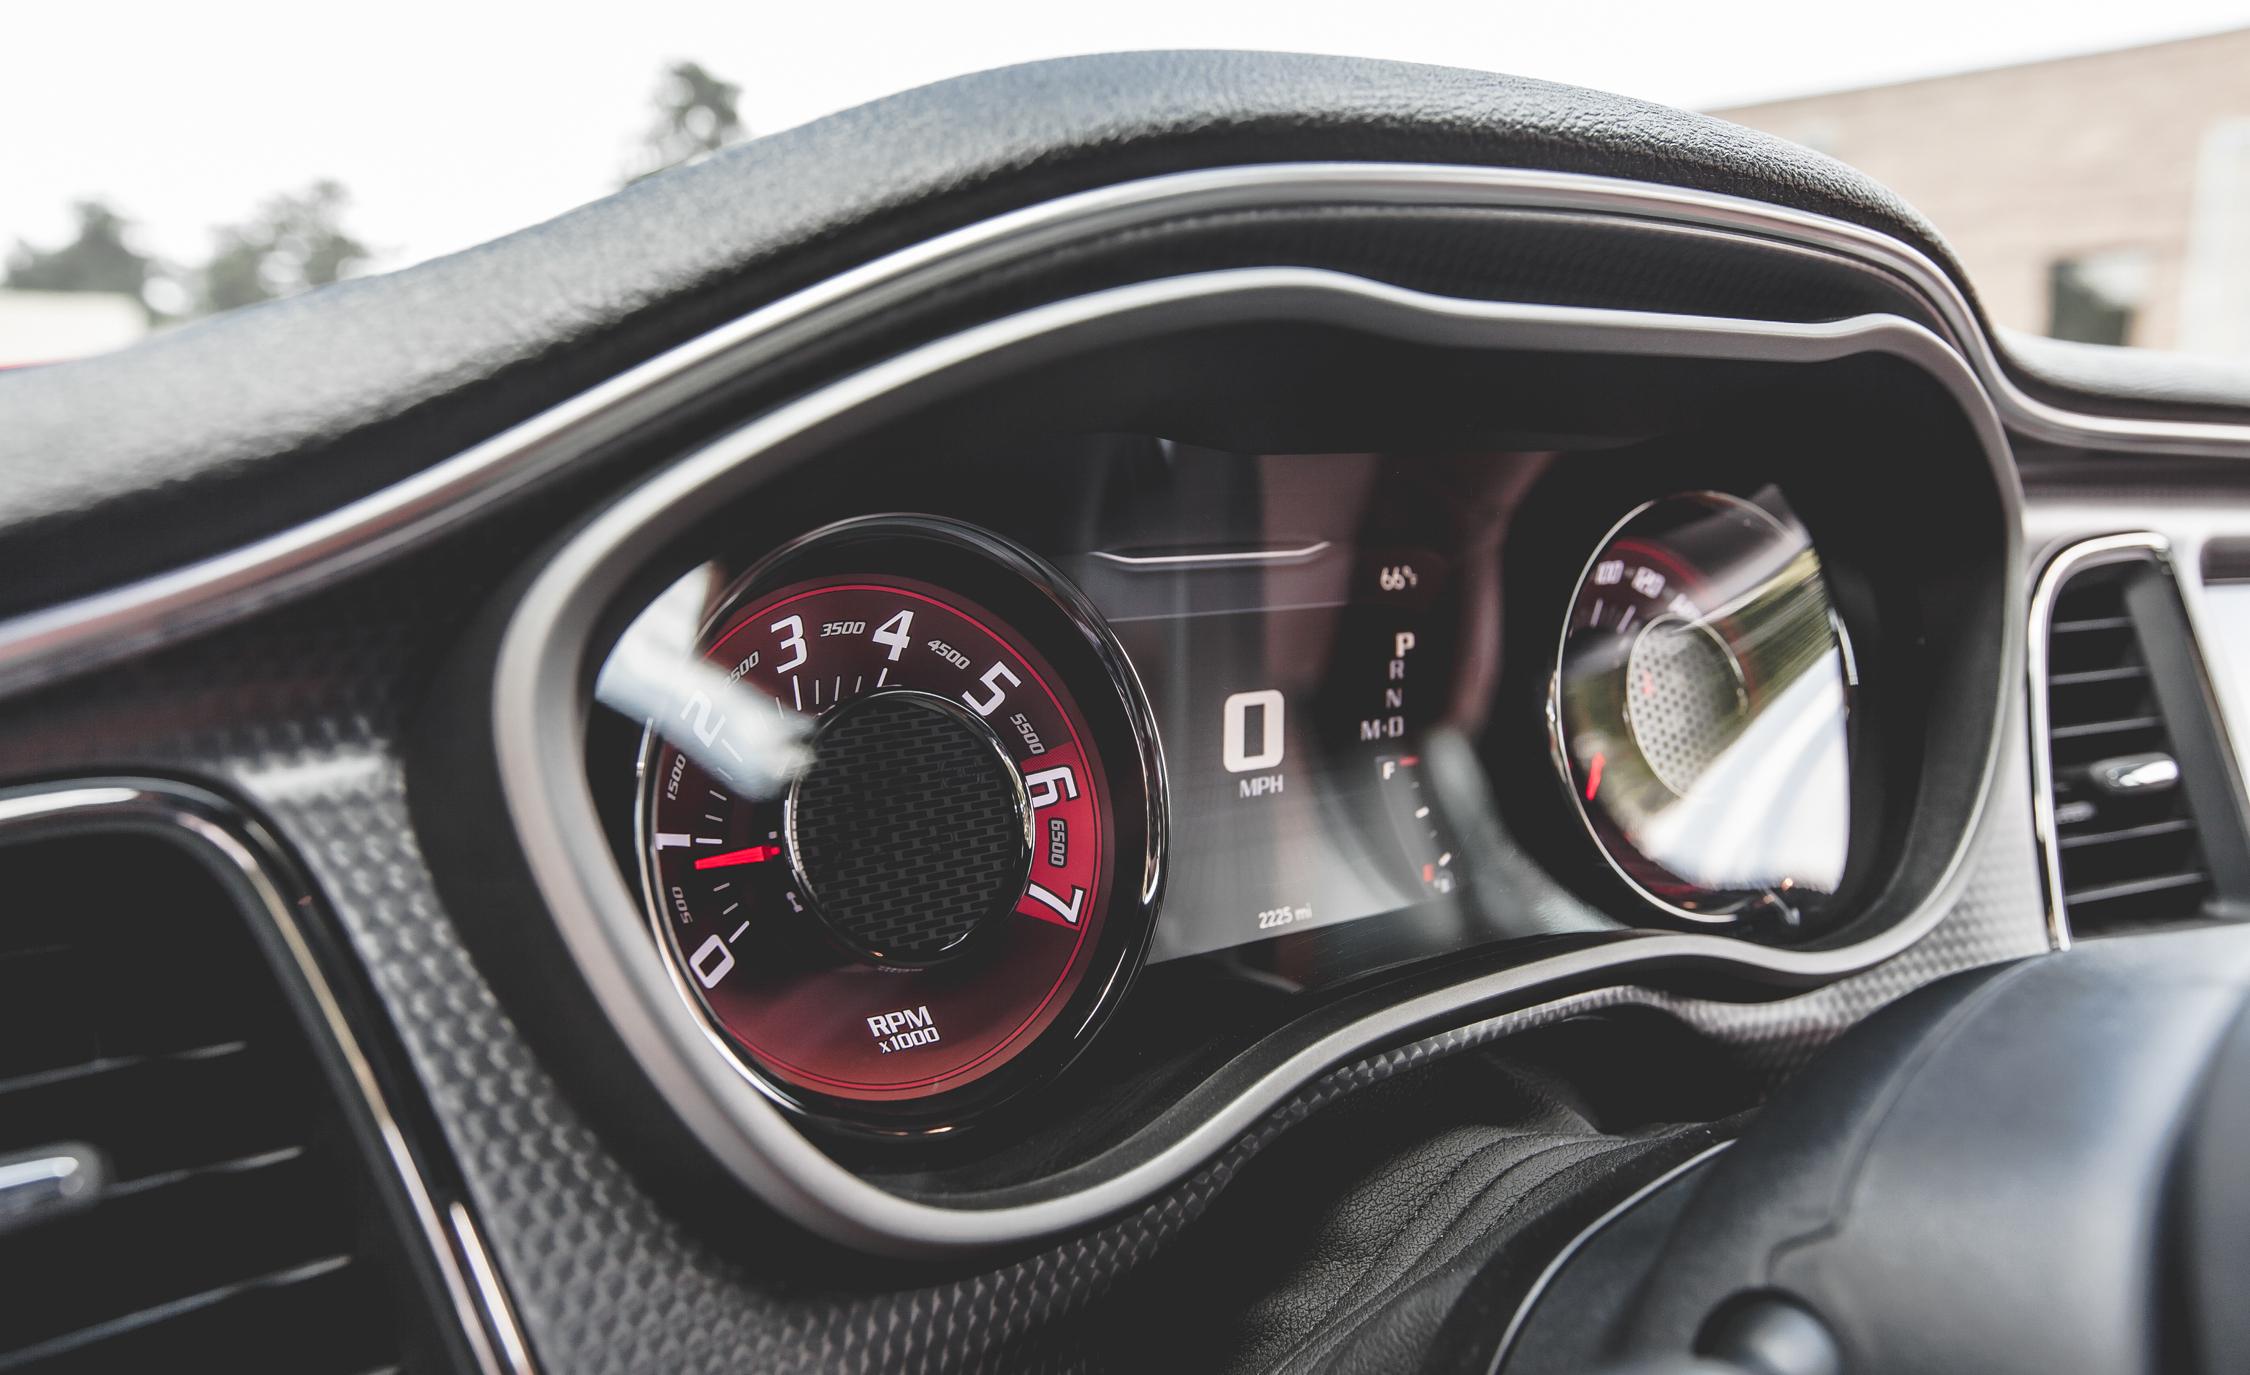 2015 Dodge Challenger SRT Hellcat Interior Speedometer